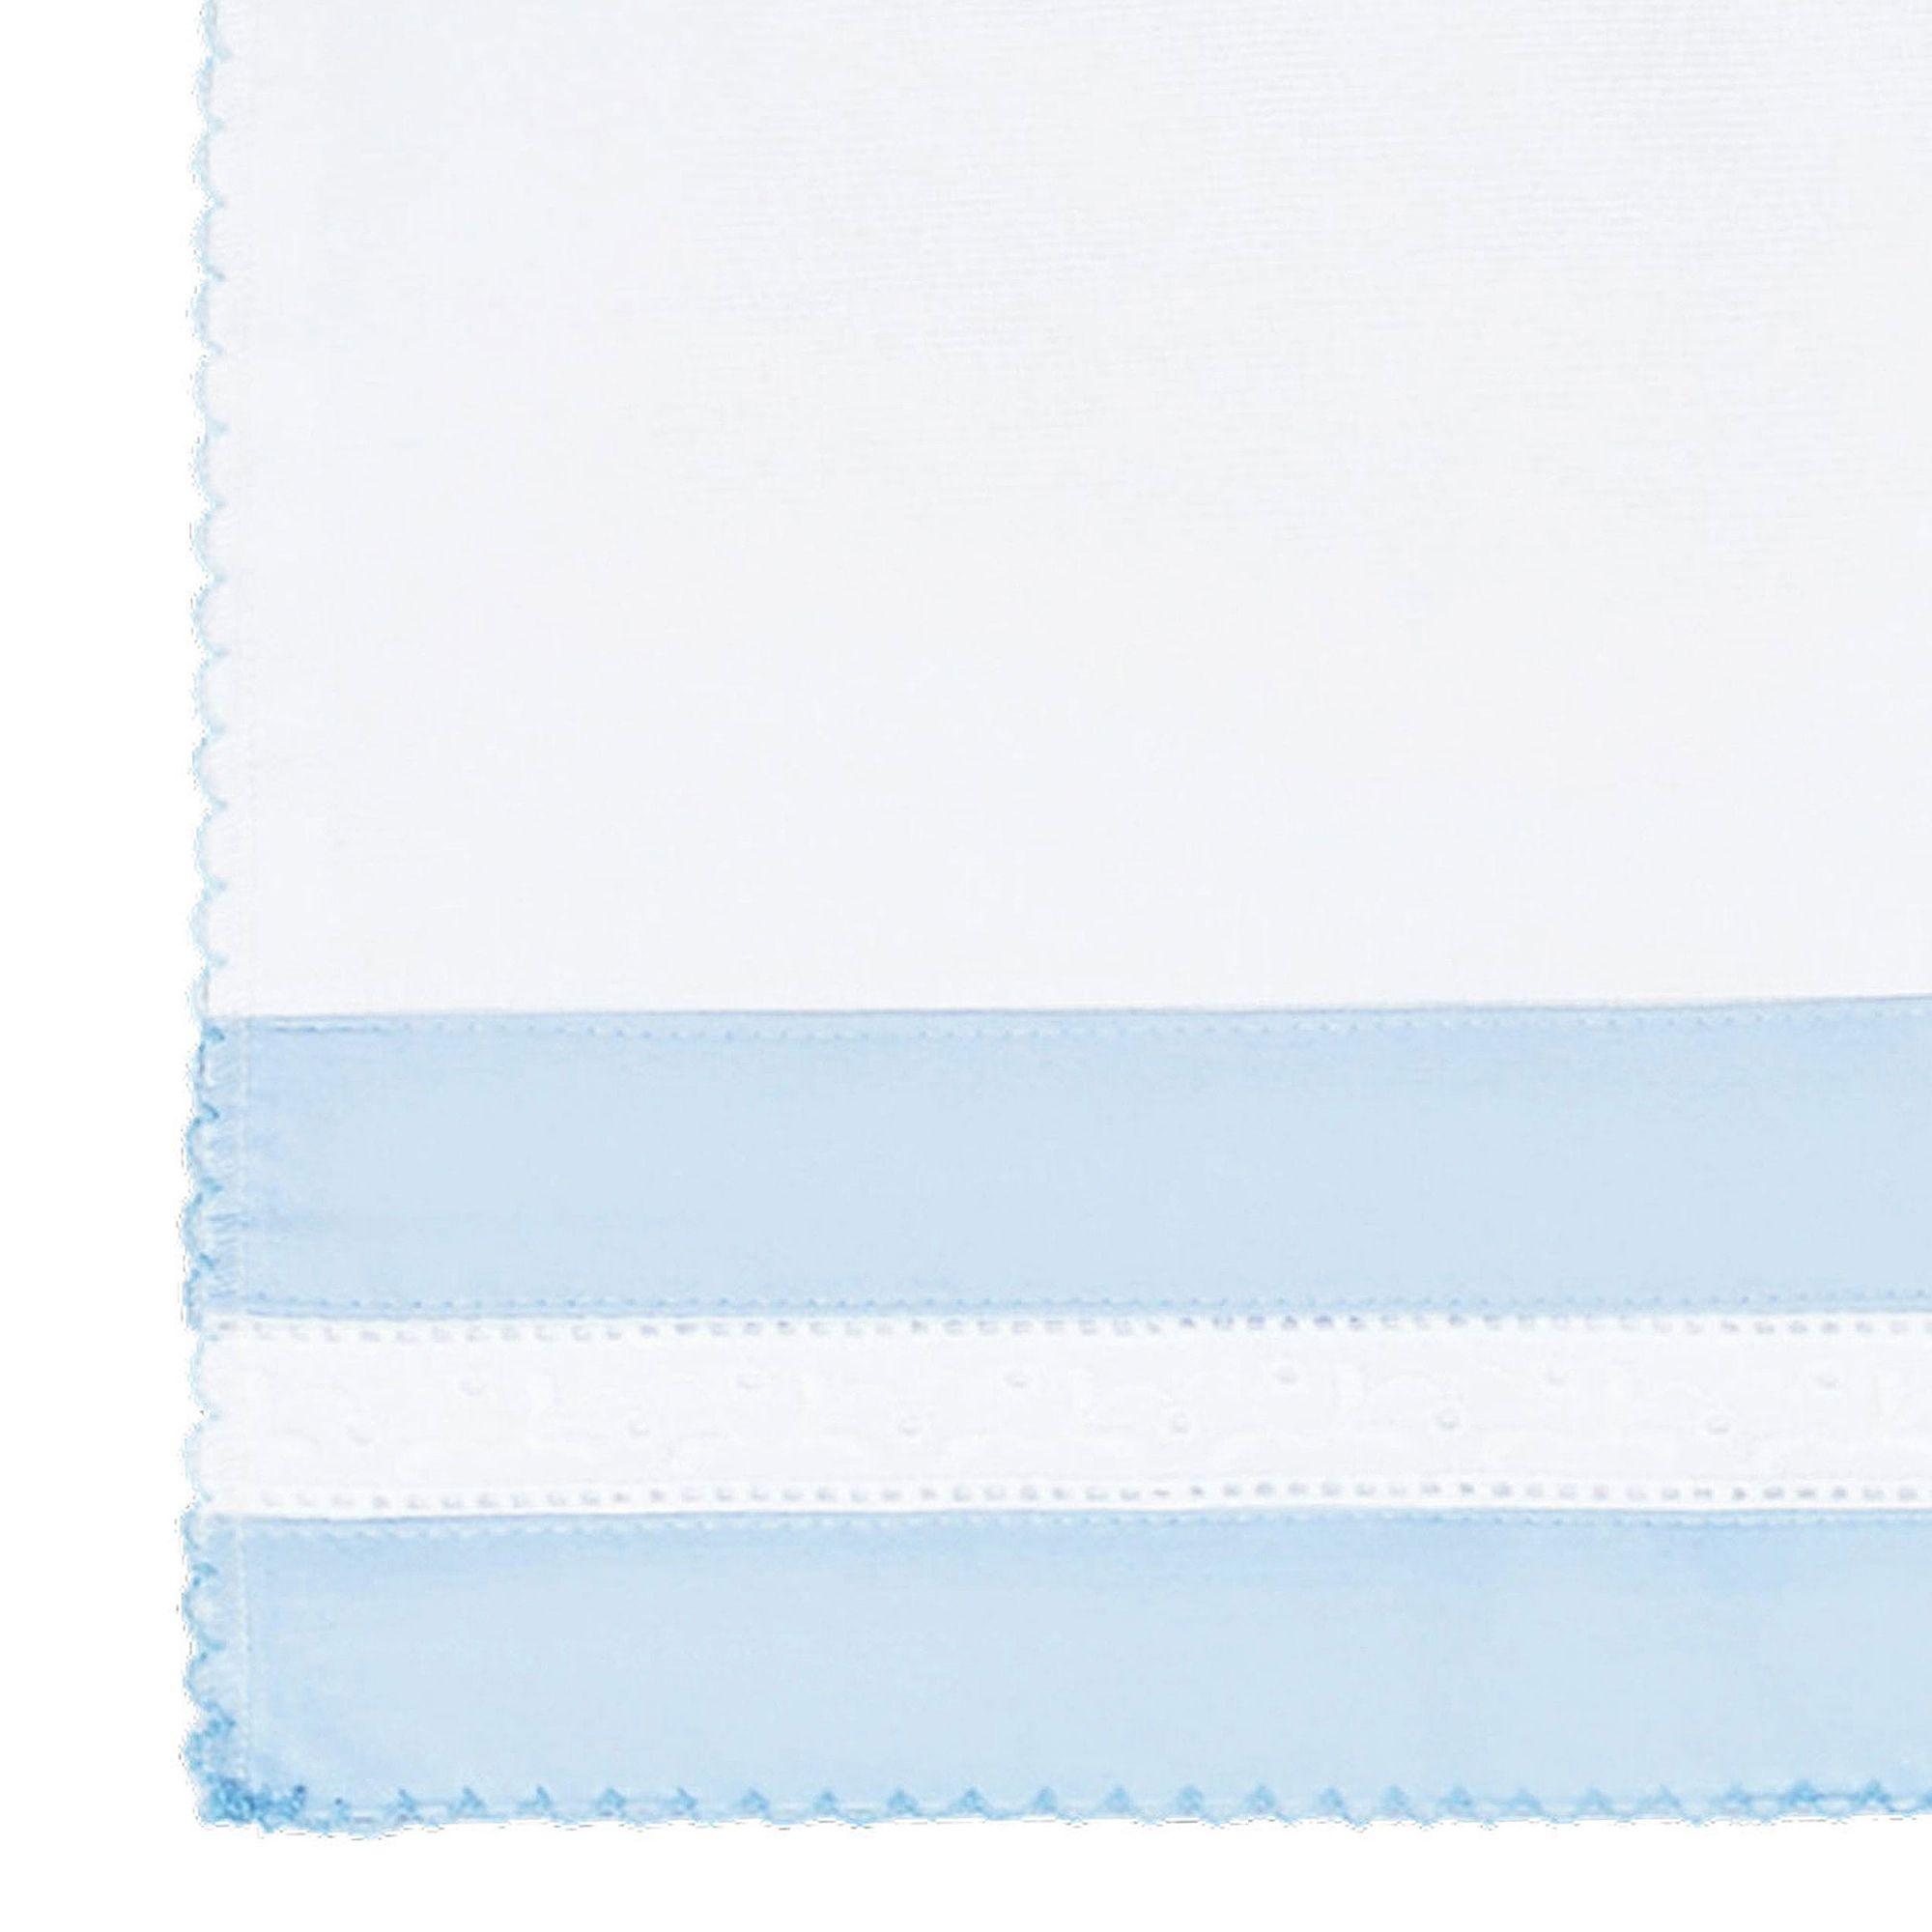 Kit Fralda de Boca (Babete) 2 Peças Percal 300 Fios Bordado Inglês e Ponto Palito Azul e Cinza Coleção Gregory